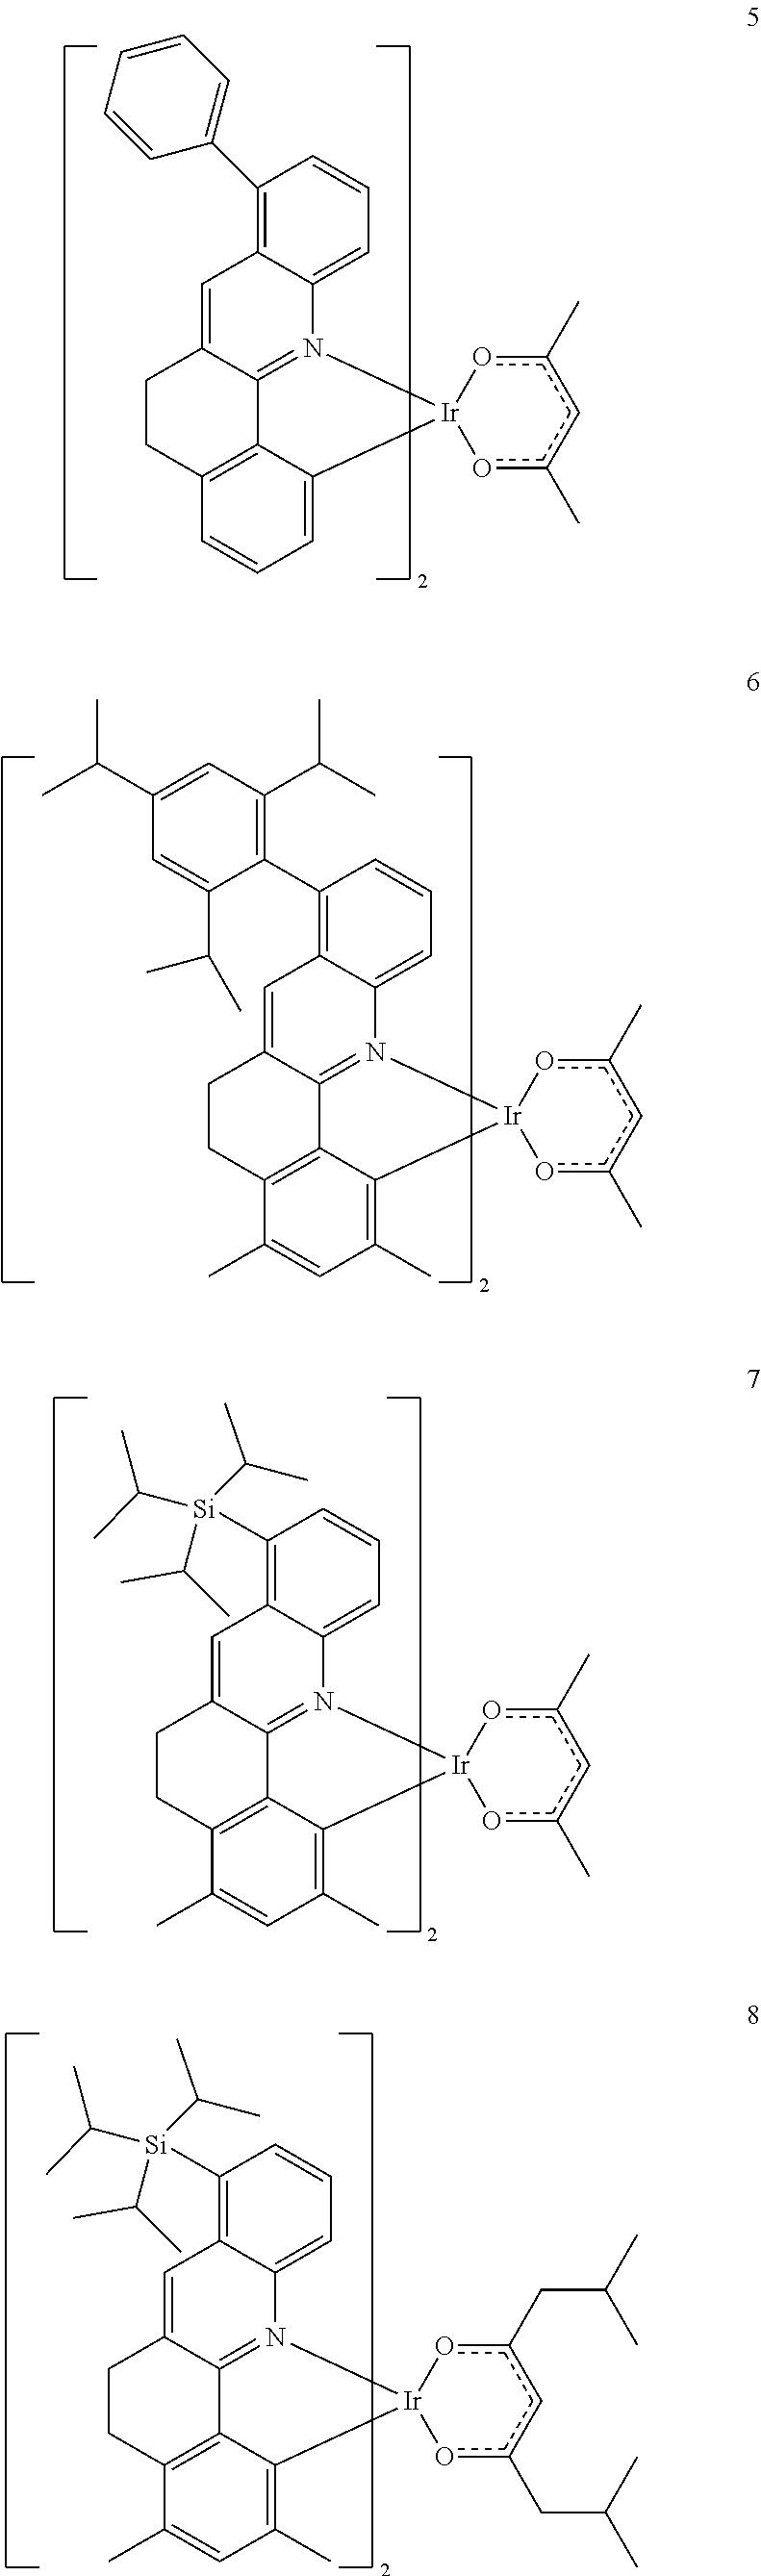 Figure US20130032785A1-20130207-C00028